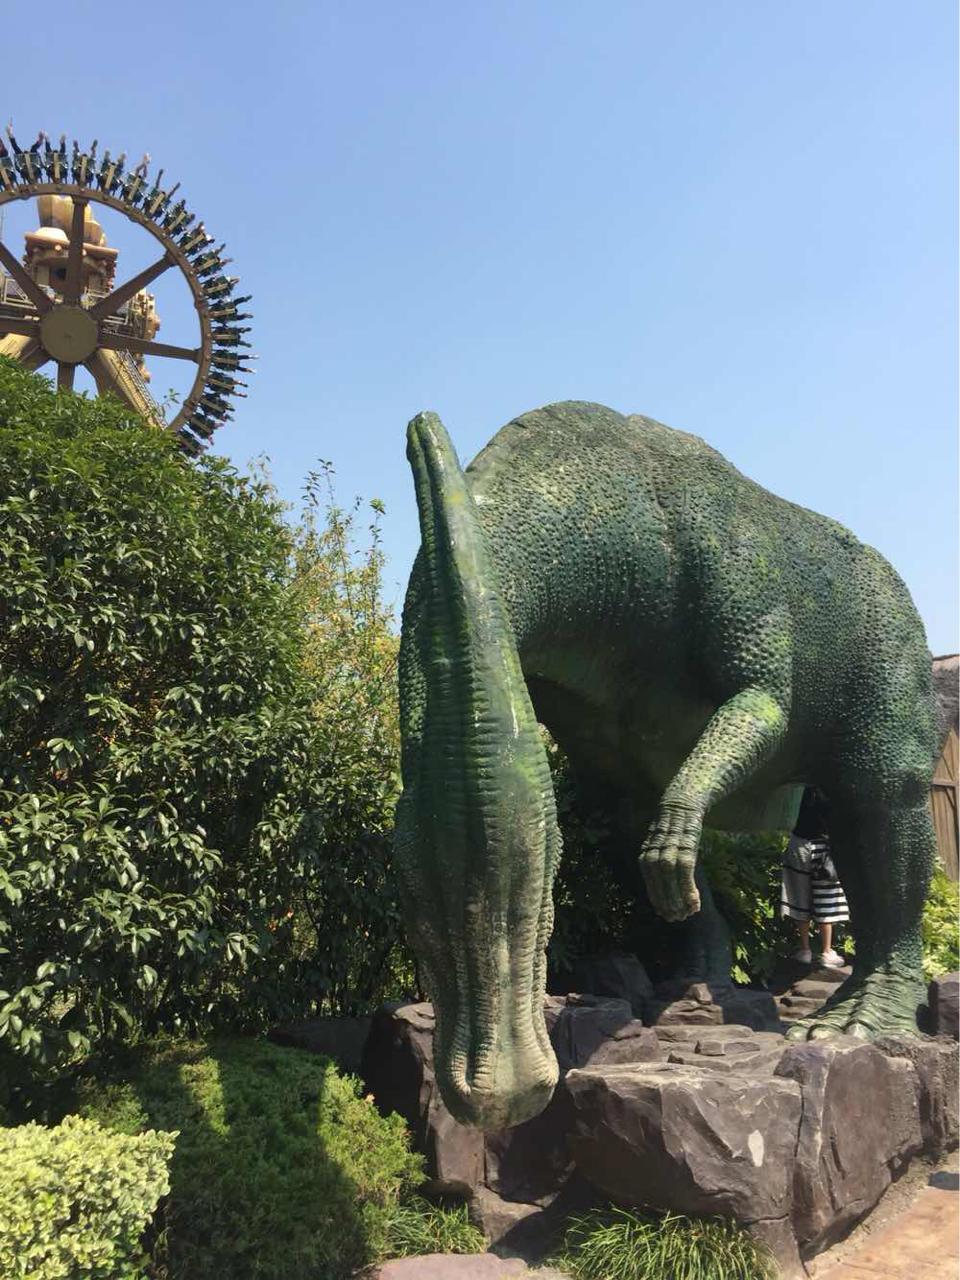 常州恐龙园 常州恐龙园 恐龙谷温泉 成人票 G20峰会浙江市民专享 常州